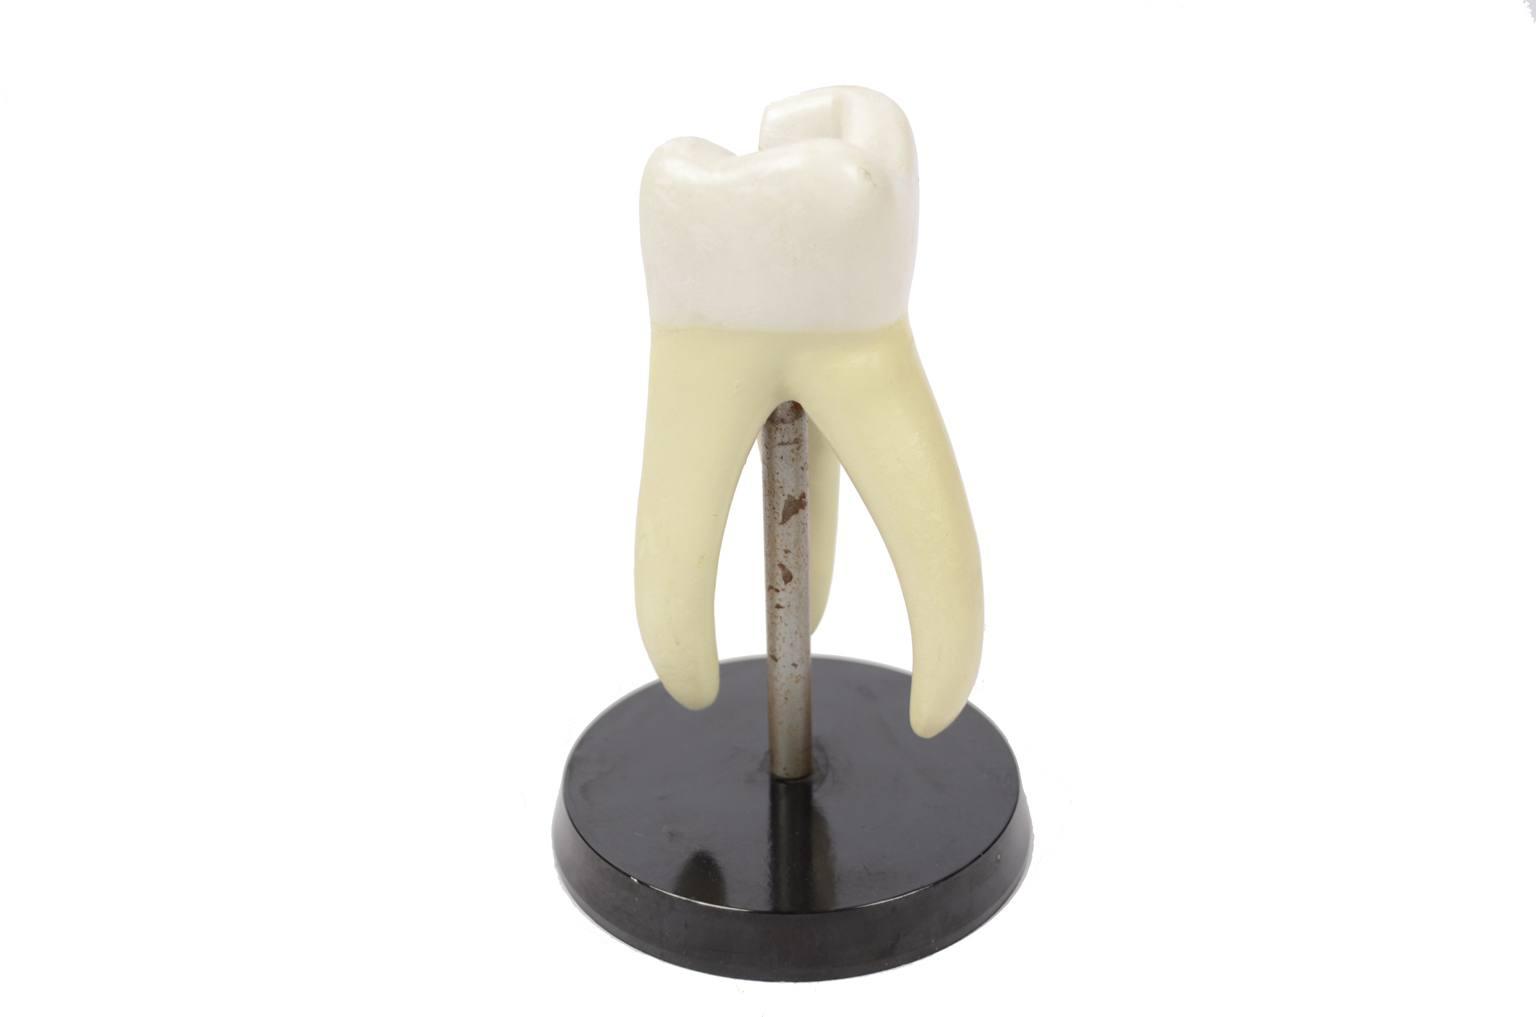 Strumenti medici d'epoca/6137-Modello molare